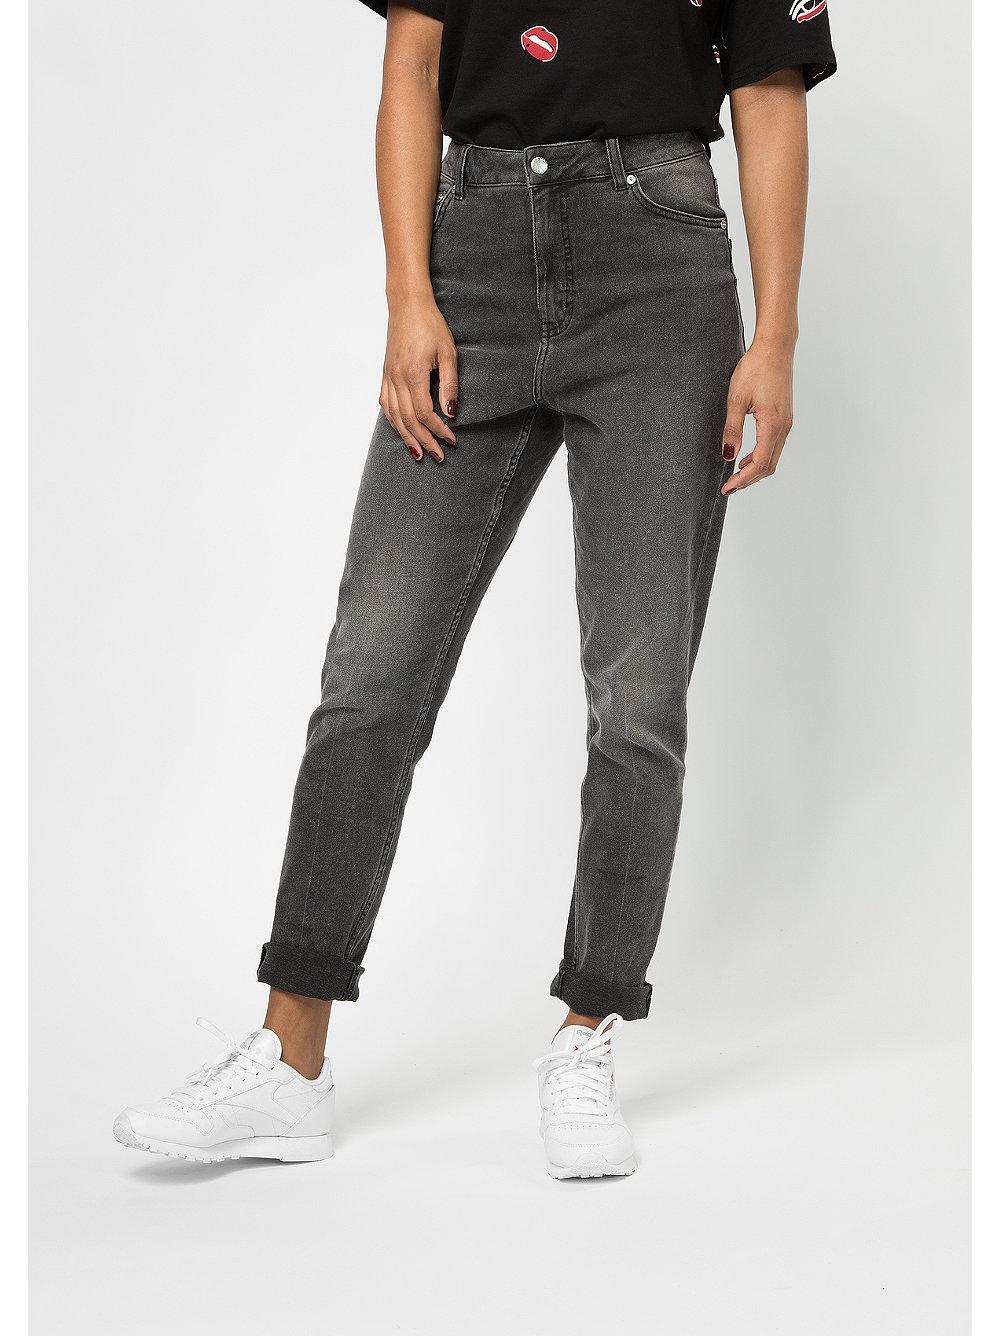 Jeans-Hose Donna Bold black